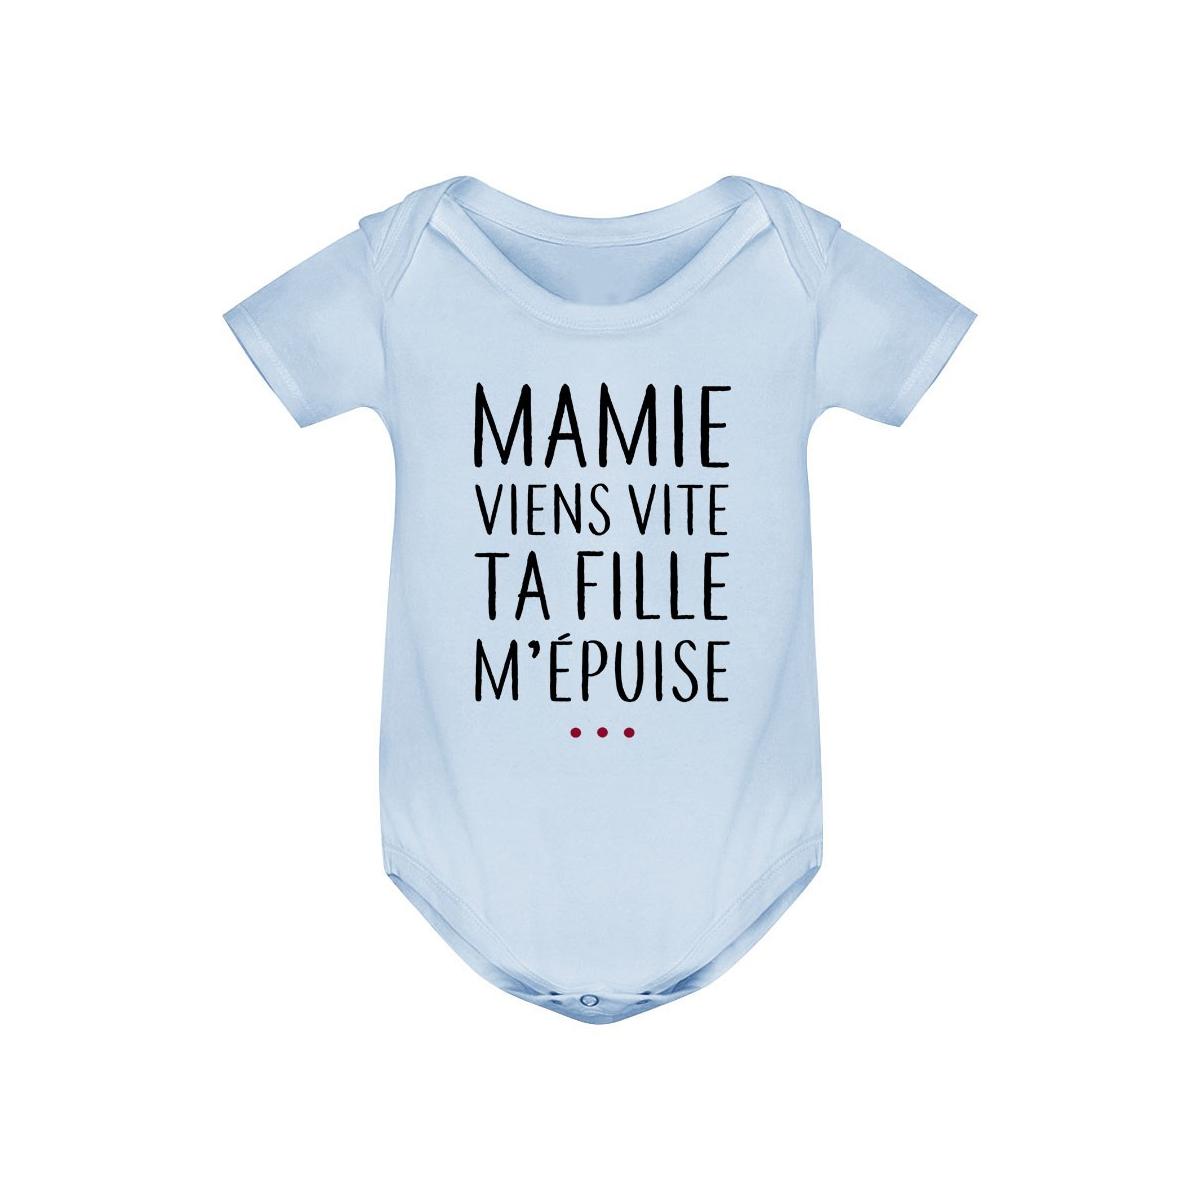 Body bébé Mamie viens vite ta fille m'épuise